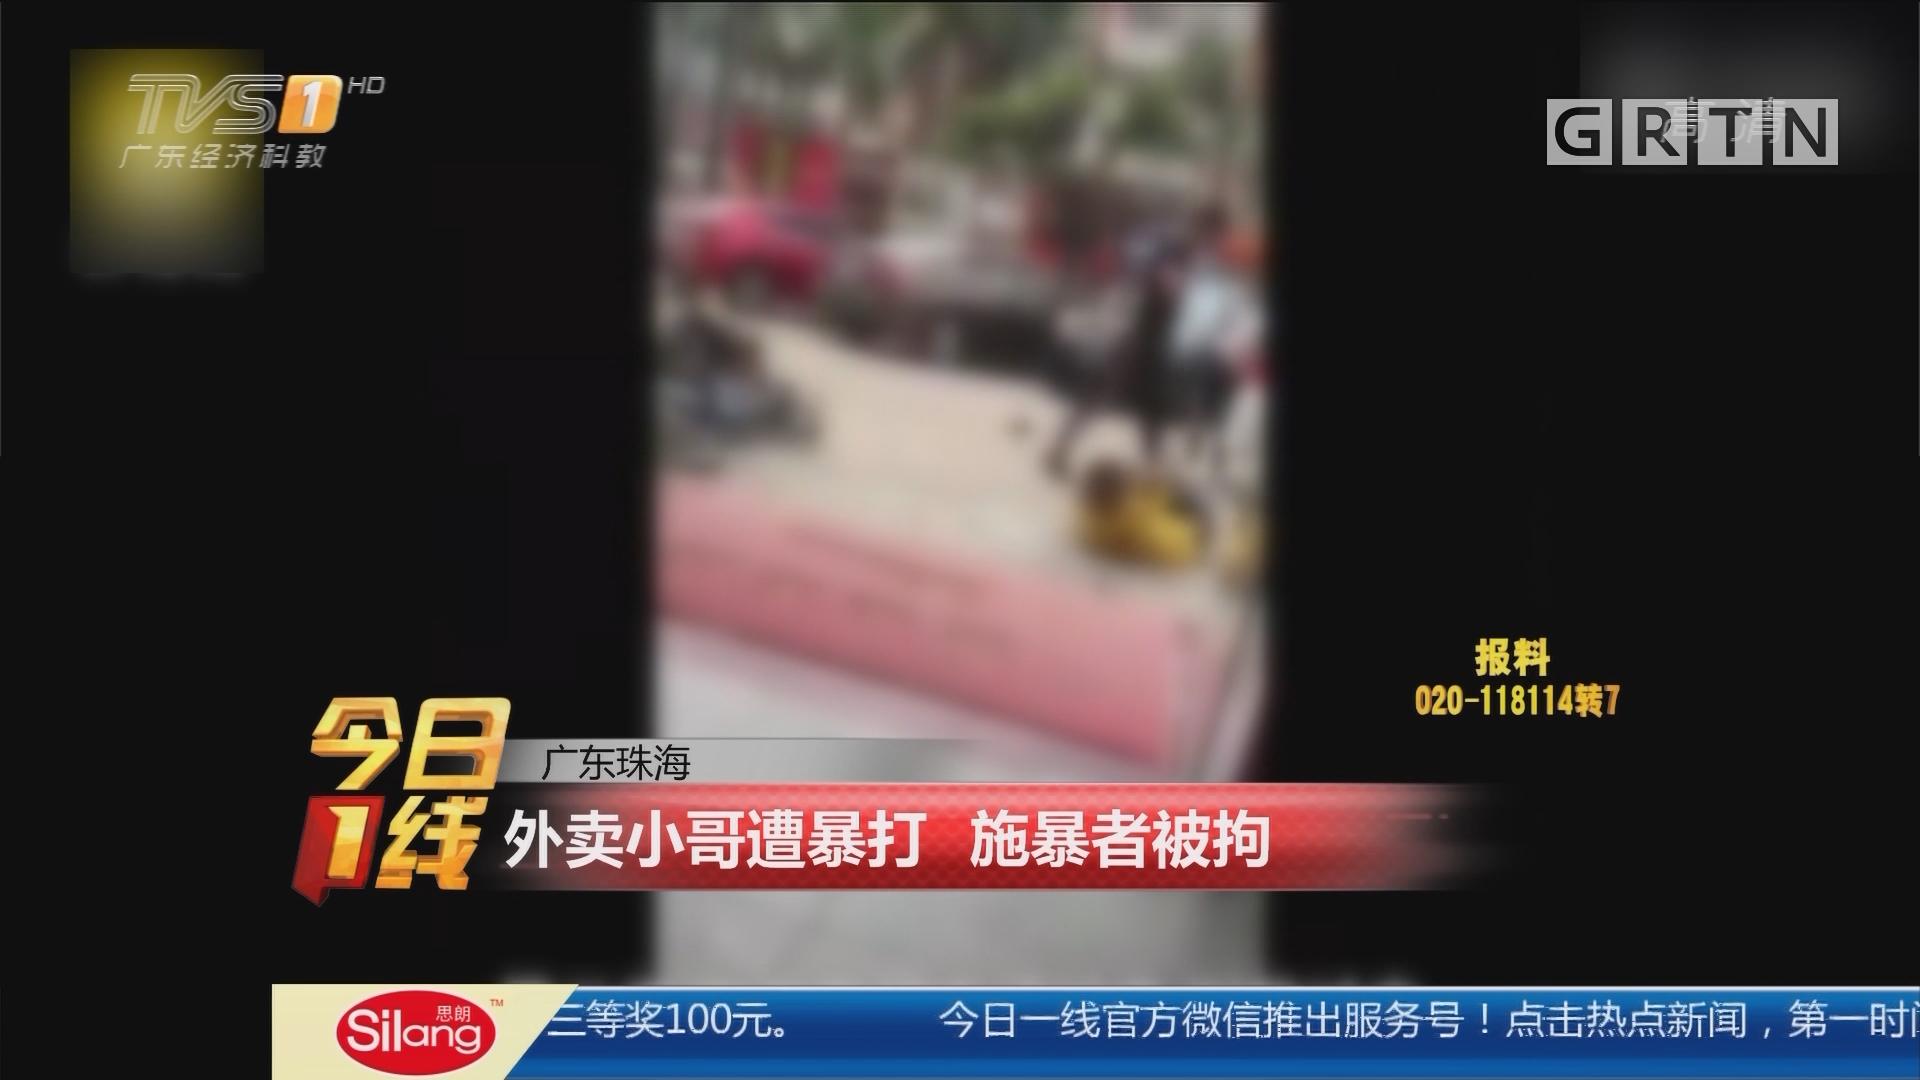 广东珠海:外卖小哥遭暴打 施暴者被拘